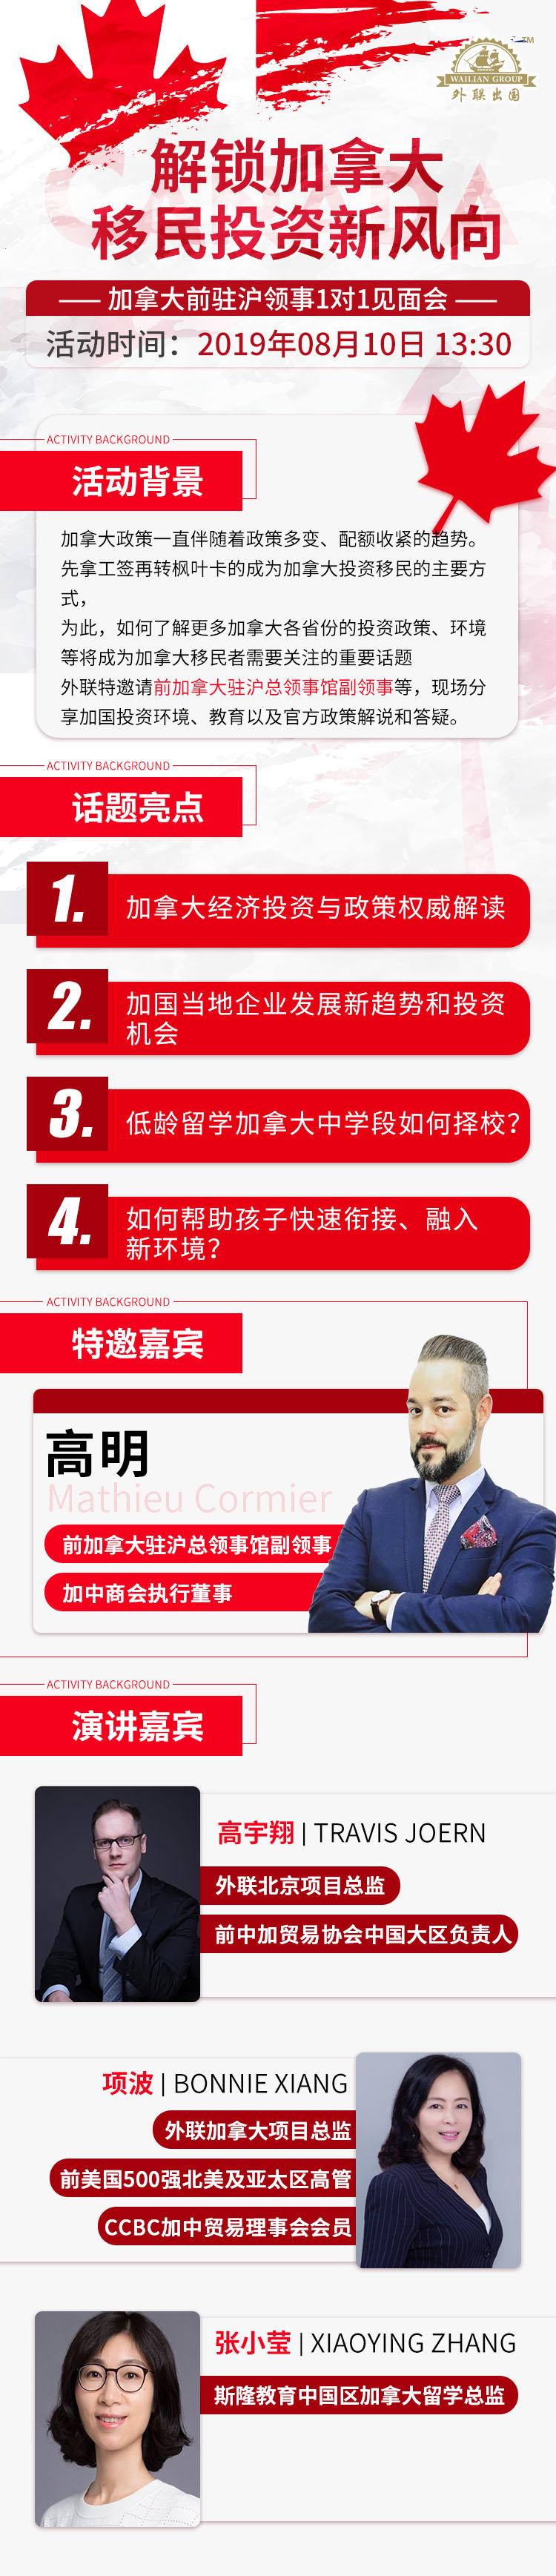 上海-加拿大活动信息流页面8.1_副本.jpg